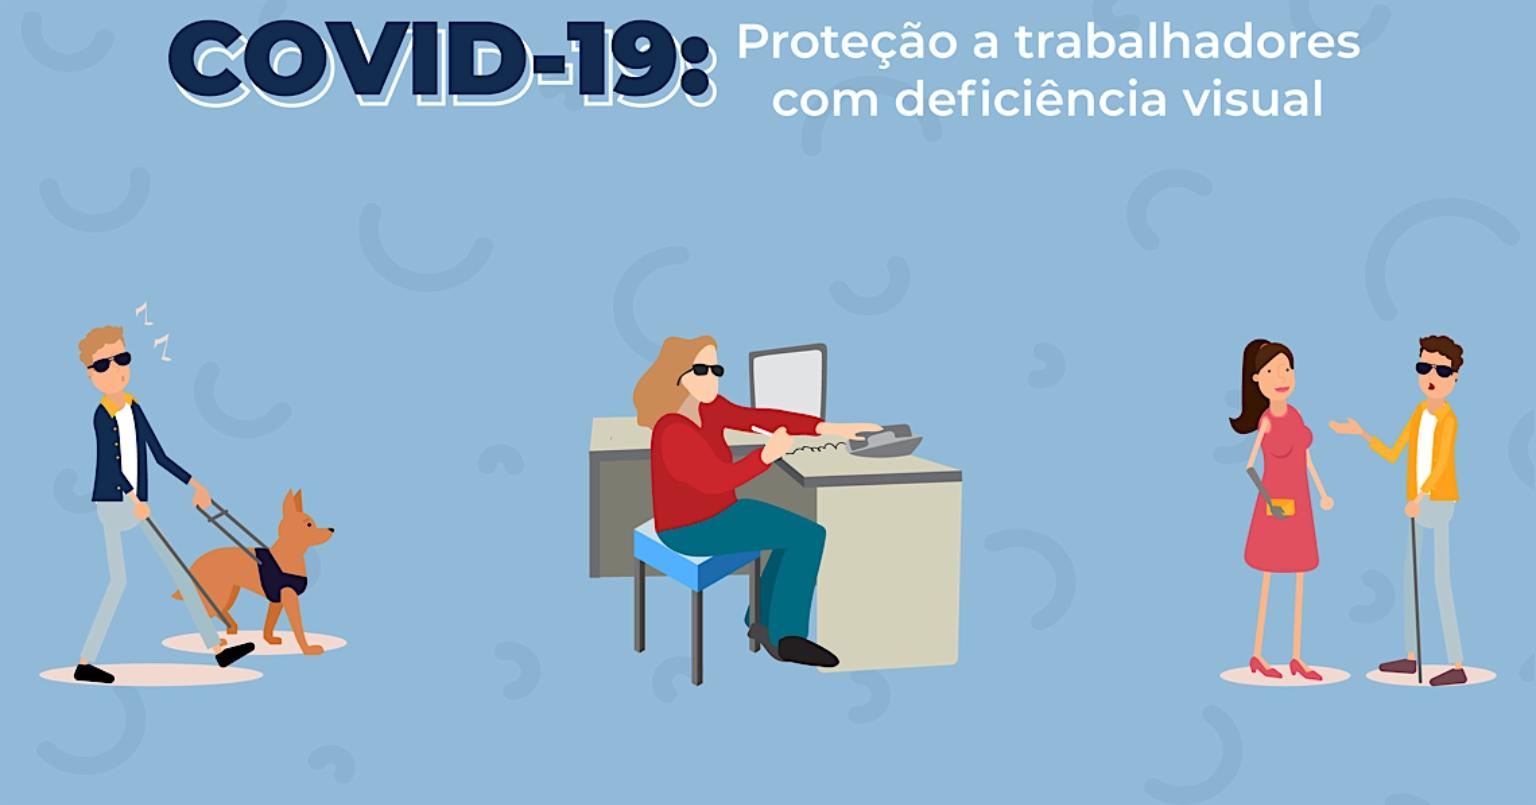 Conselho Distrital de Defesa e Promoção dos Direitos Humanos recomenda trabalho a distância para pessoas com deficiência visual